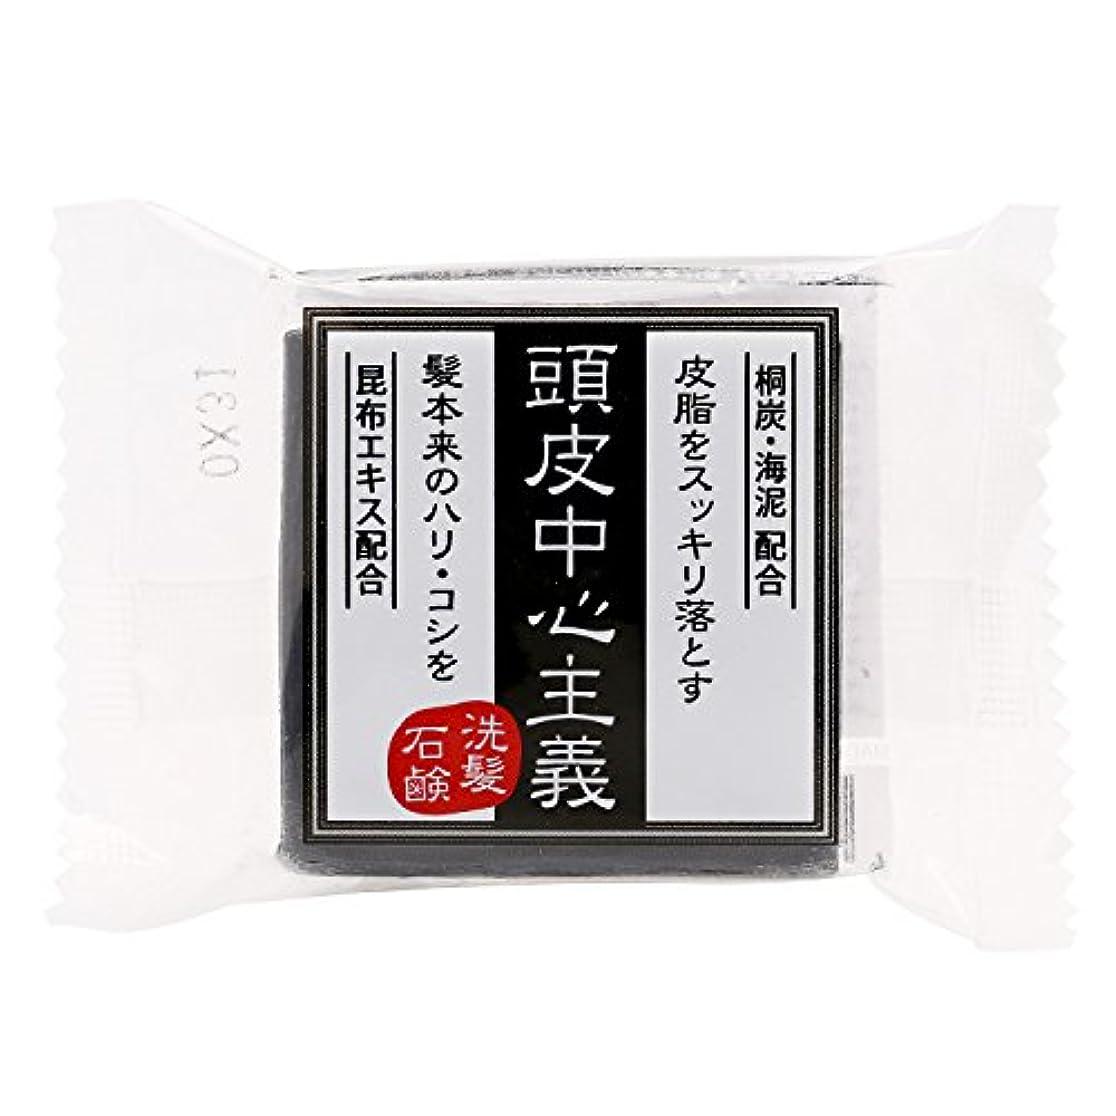 揮発性範囲ビザ菊星 頭皮中心主義 洗髪石鹸 30g